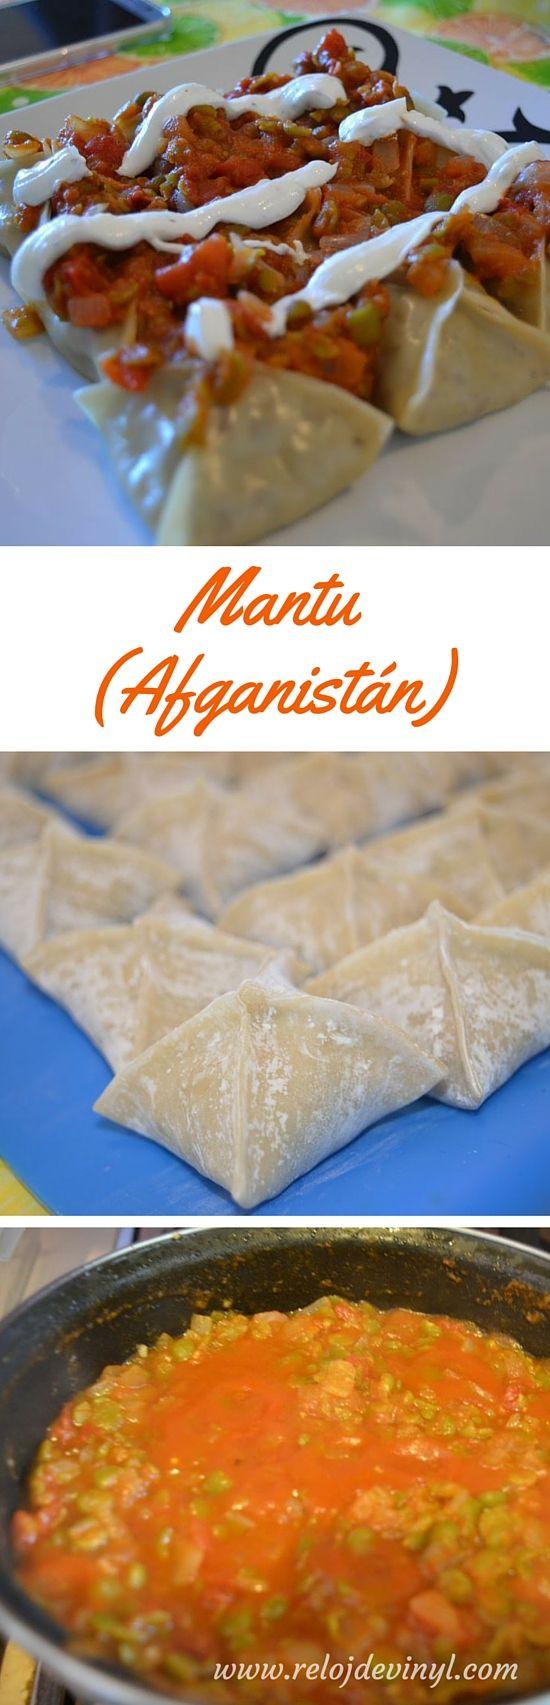 Mantu (Afganistán)